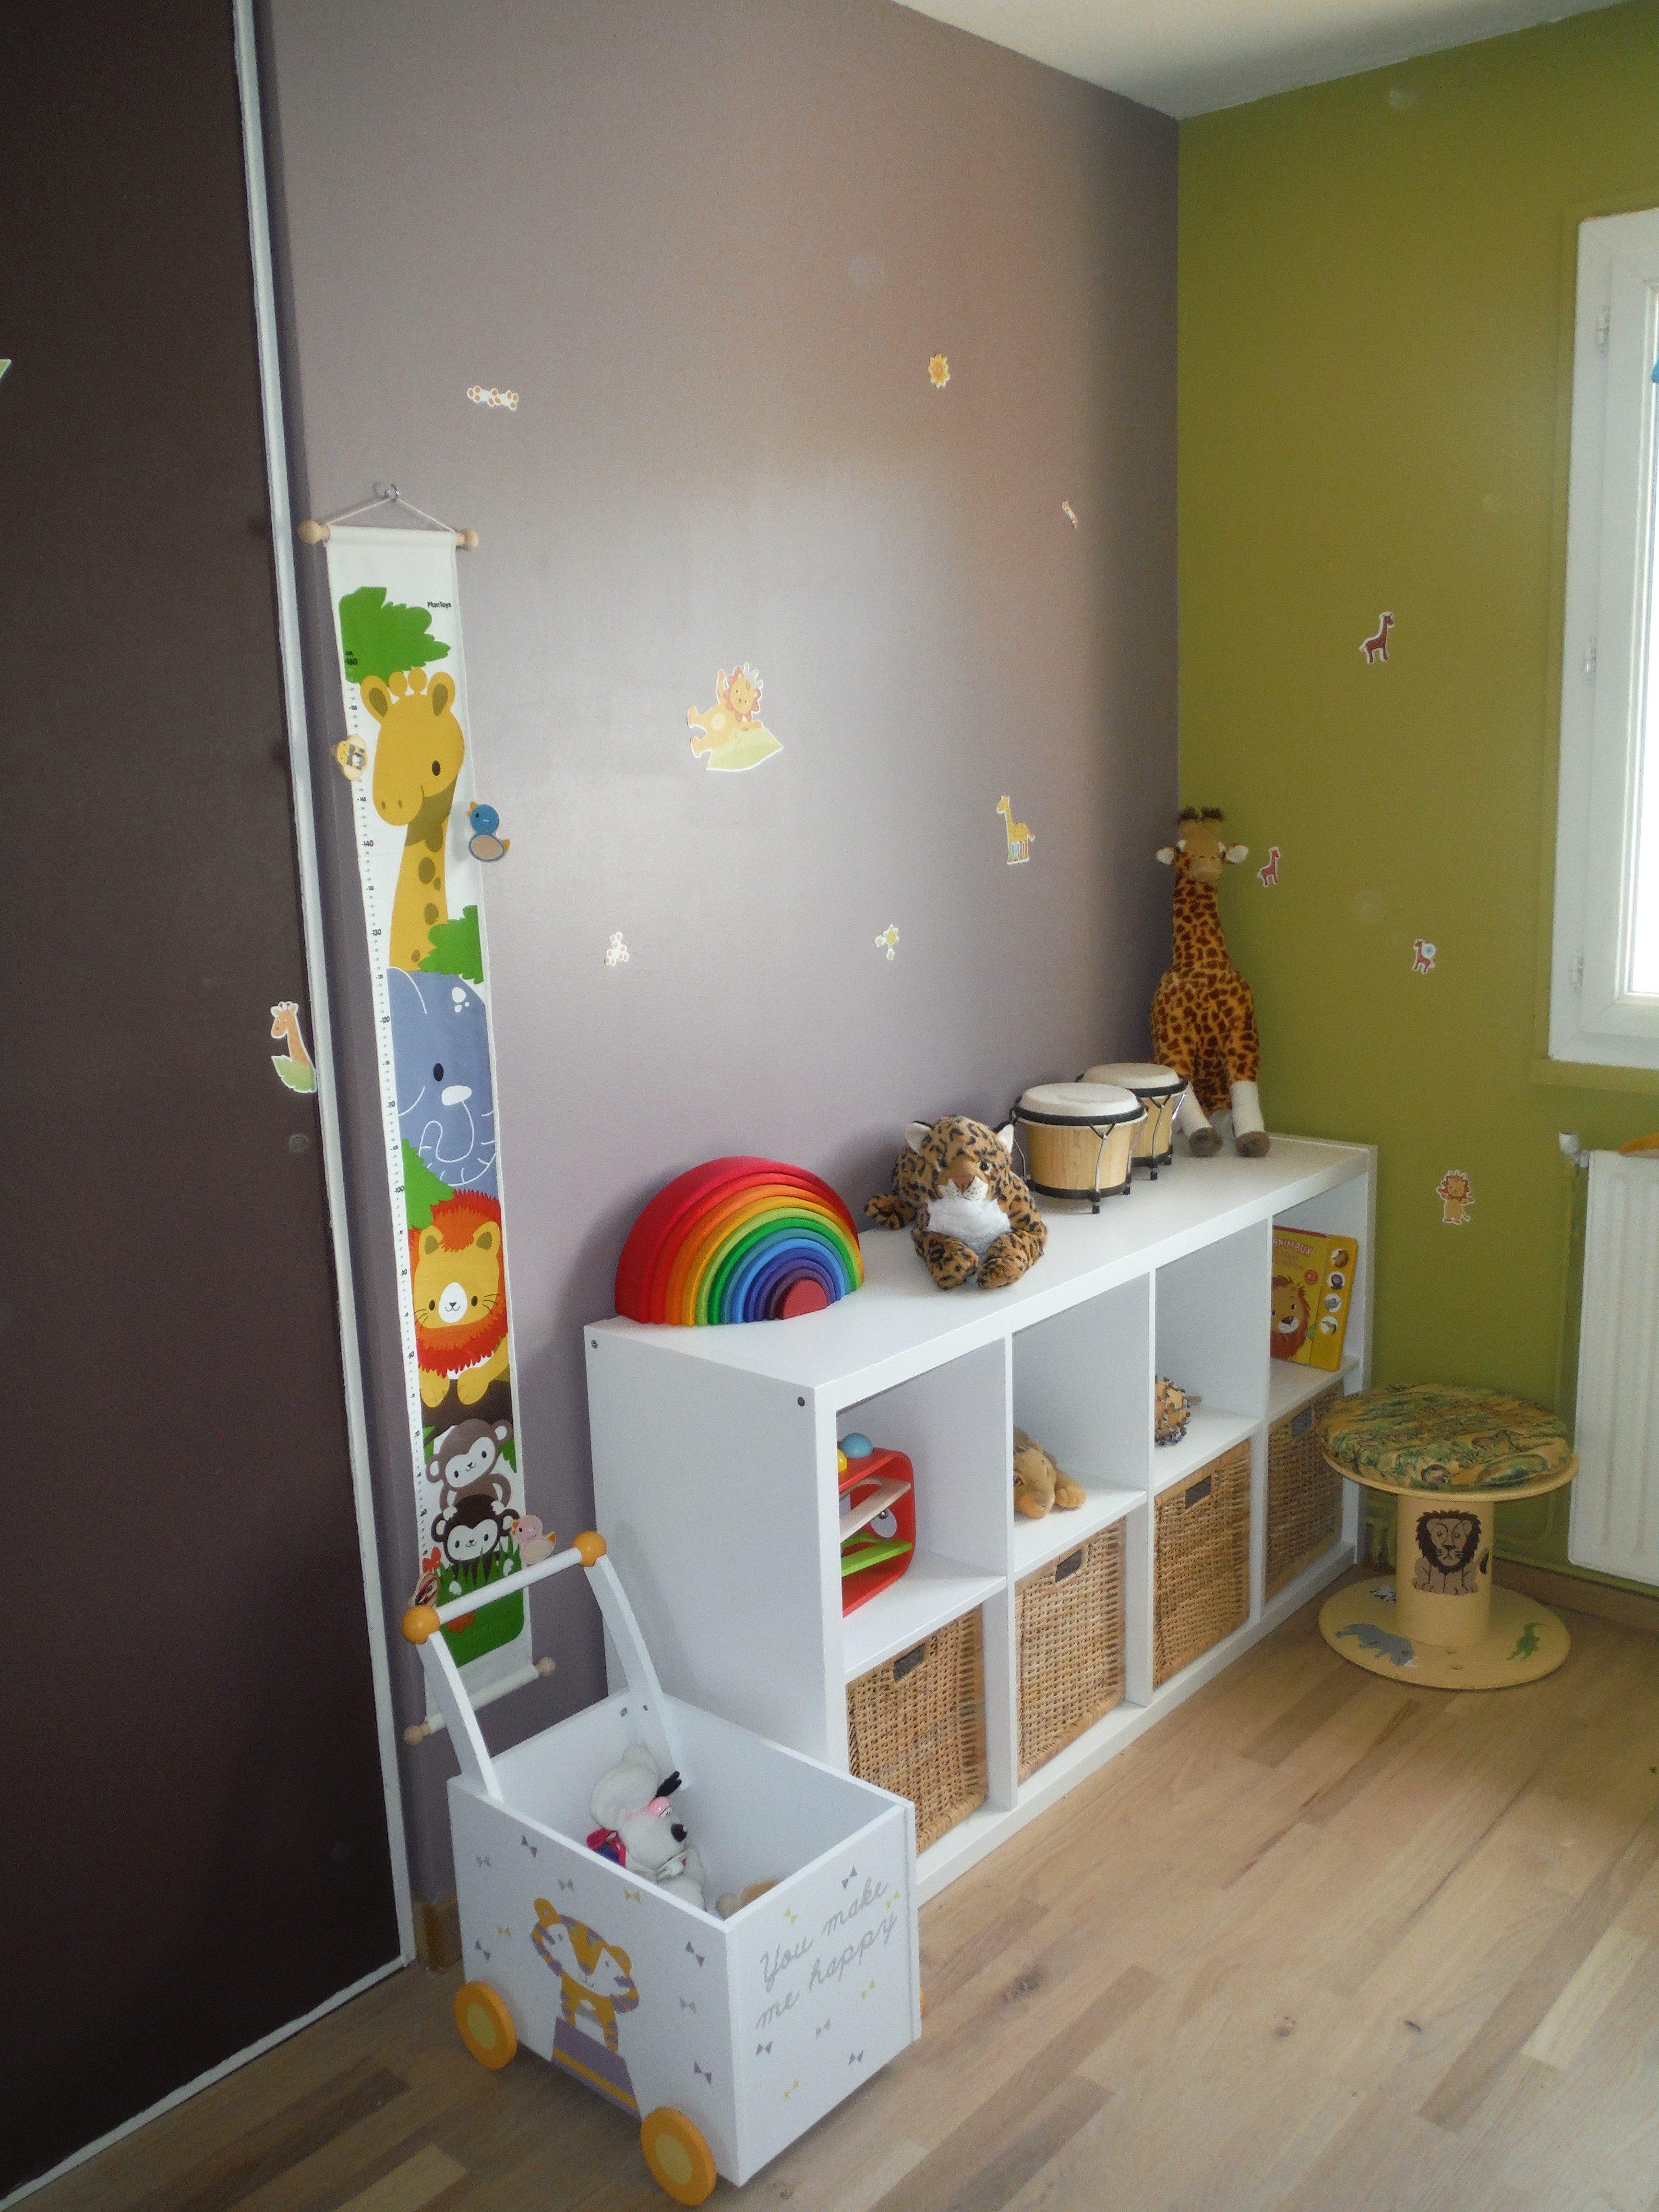 Lit Bébé Hensvik Unique Chambre Bébé Montessori Awesome Article with Tag Rangement Lit Fly